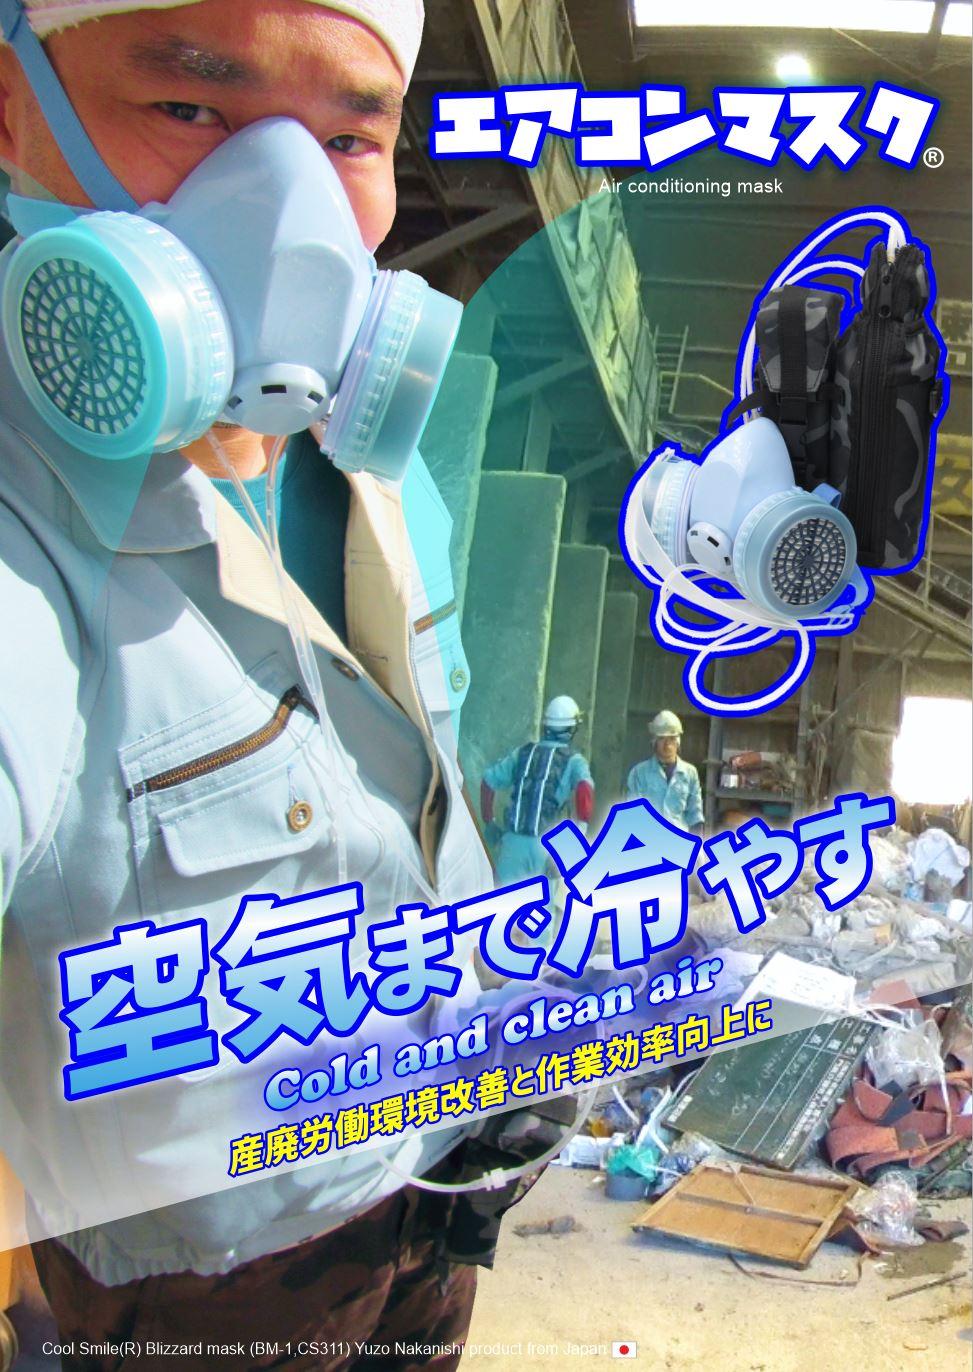 呼吸する空気までも冷やす!クールスマイルの「エアコンマスクBM-1」 熱中症対策製品 Air conditioning mask